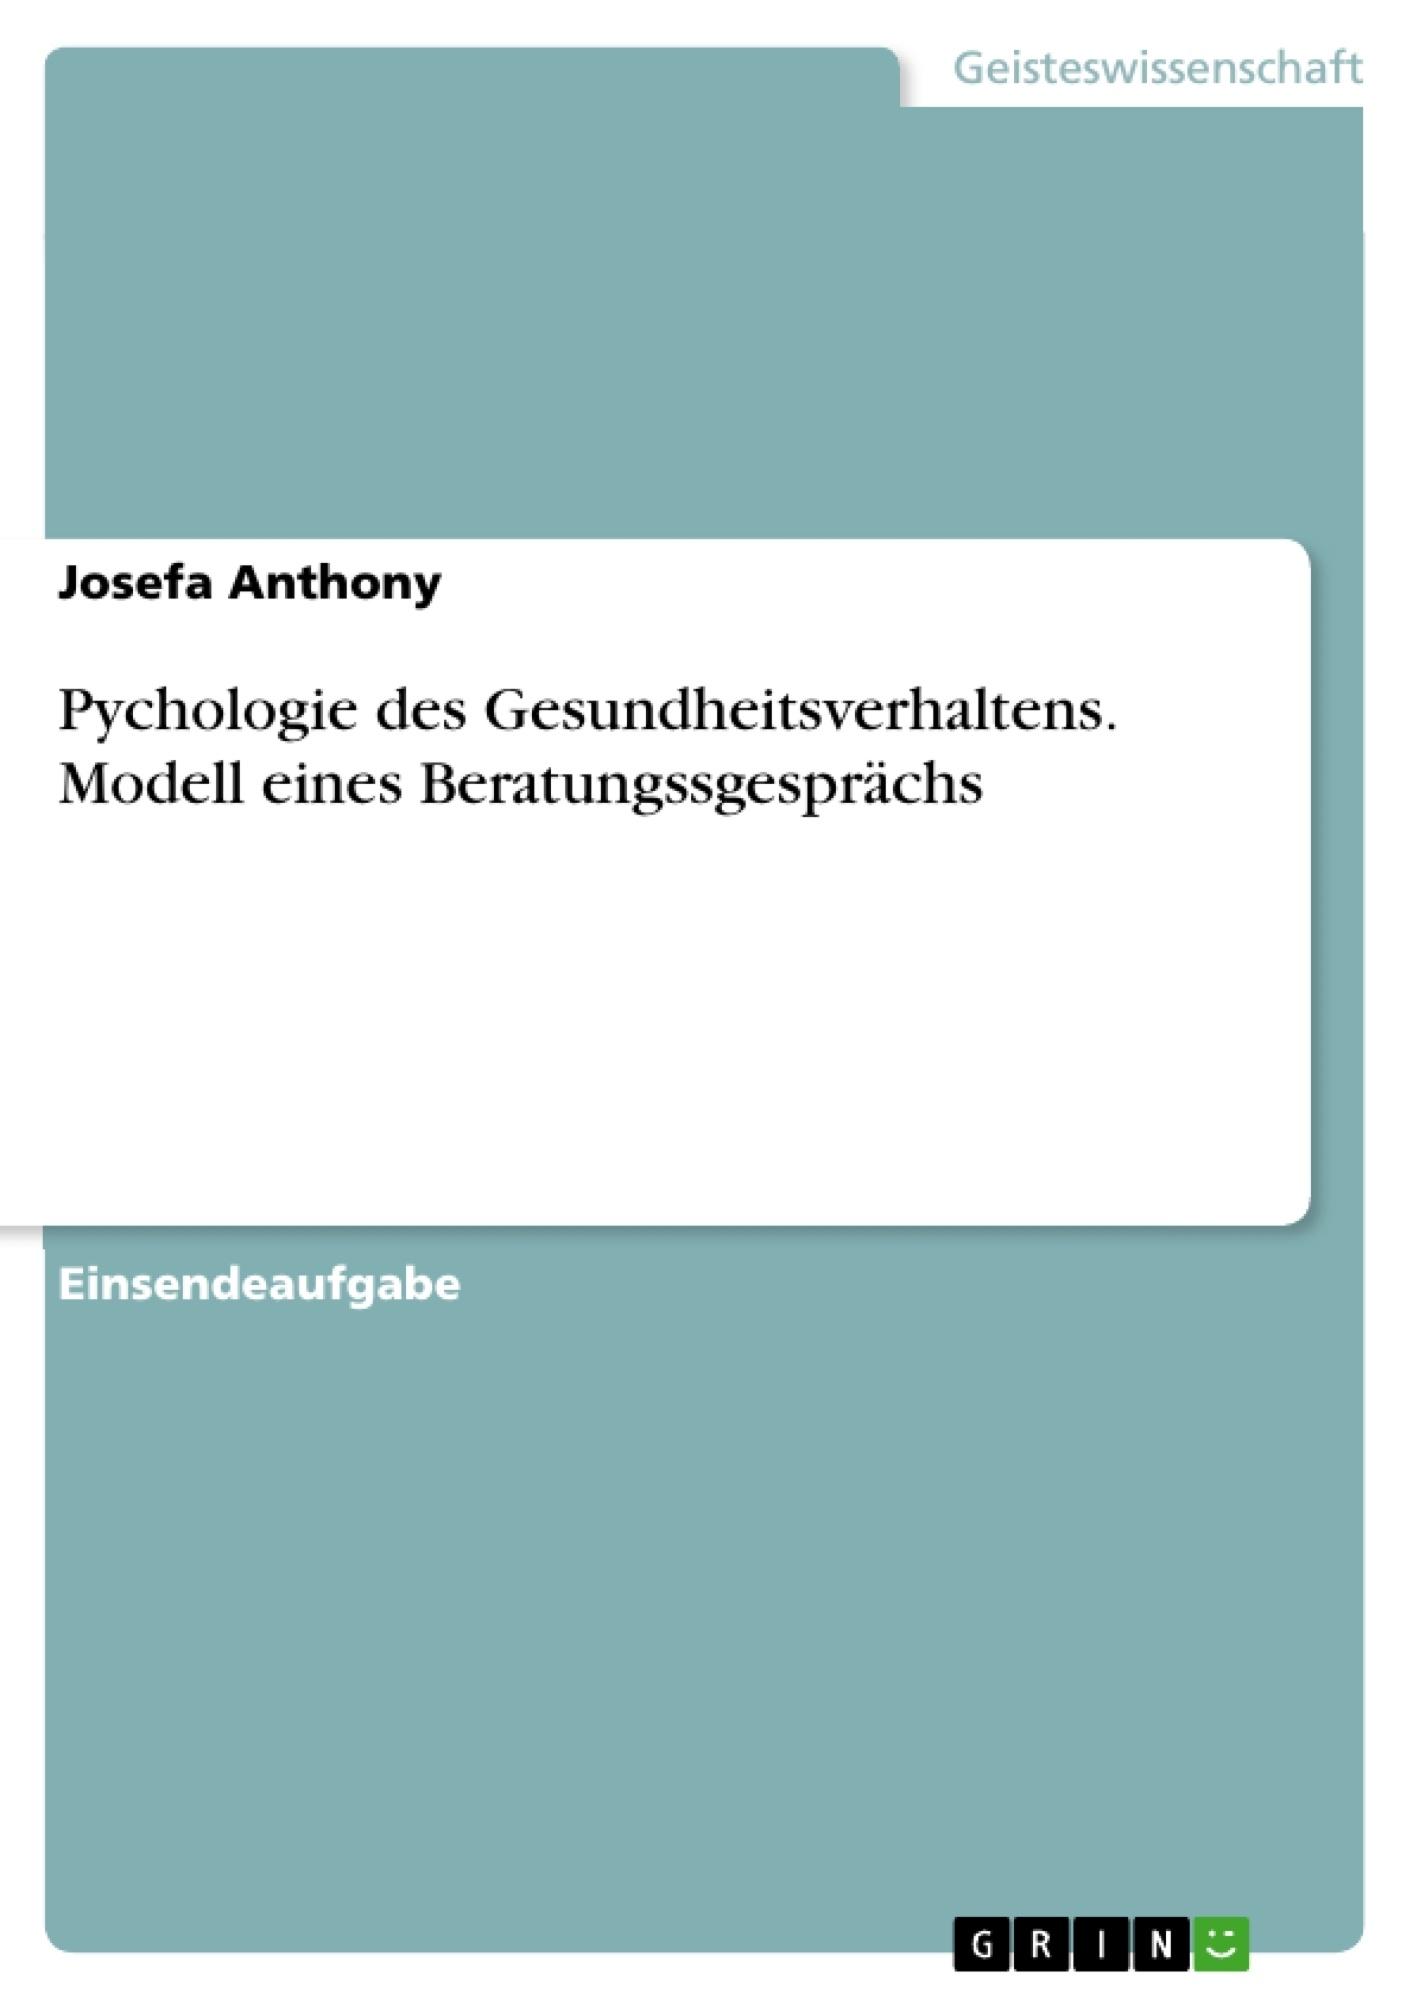 Titel: Pychologie des Gesundheitsverhaltens. Modell eines Beratungssgesprächs